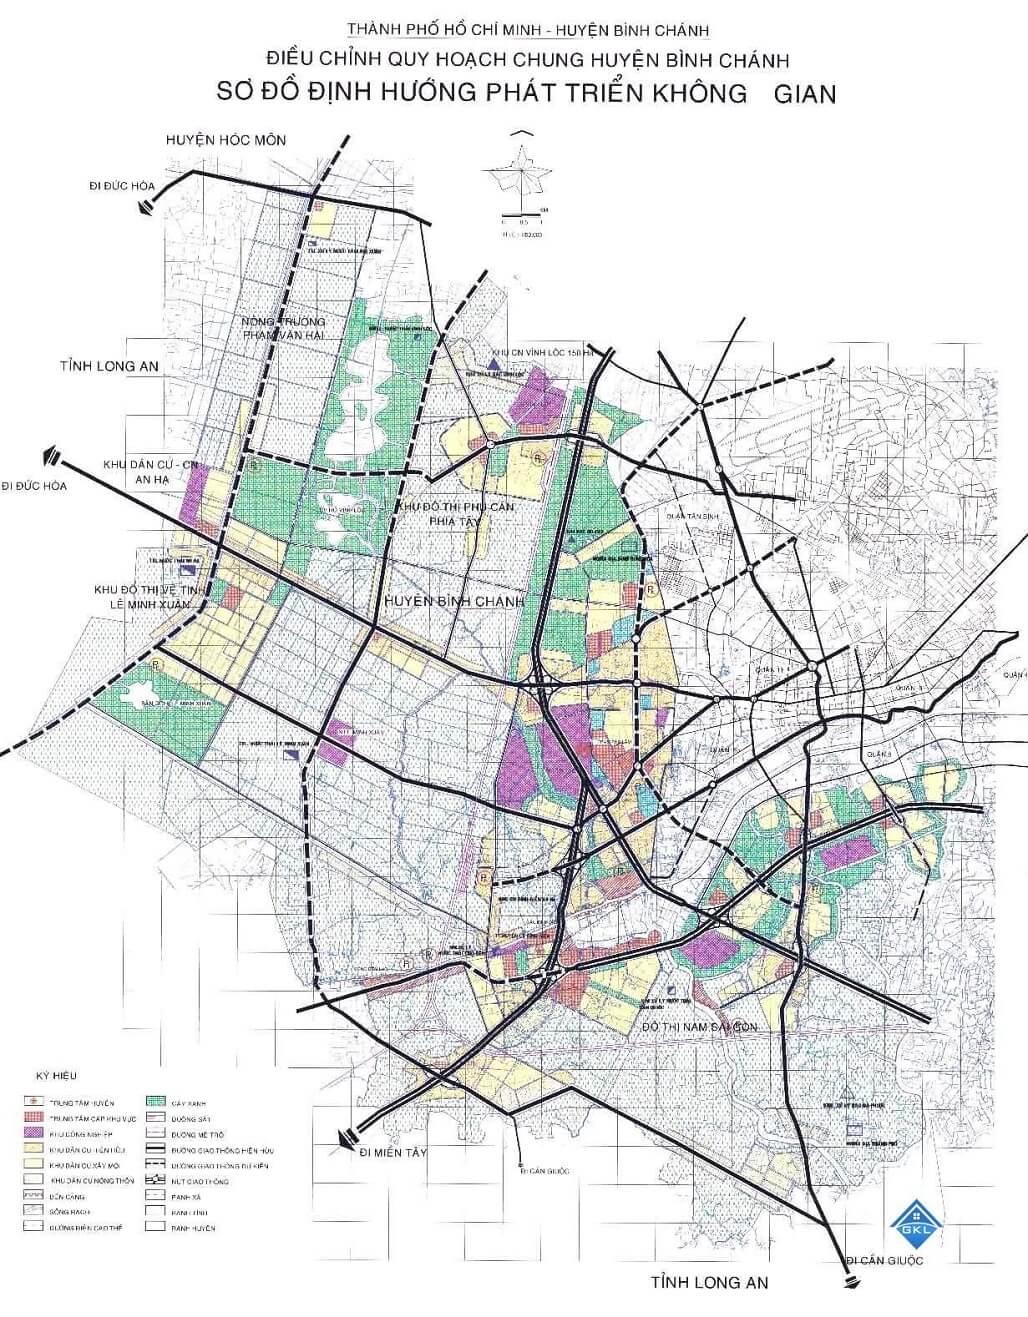 Bản đồ quy hoạch bình chánh 2020